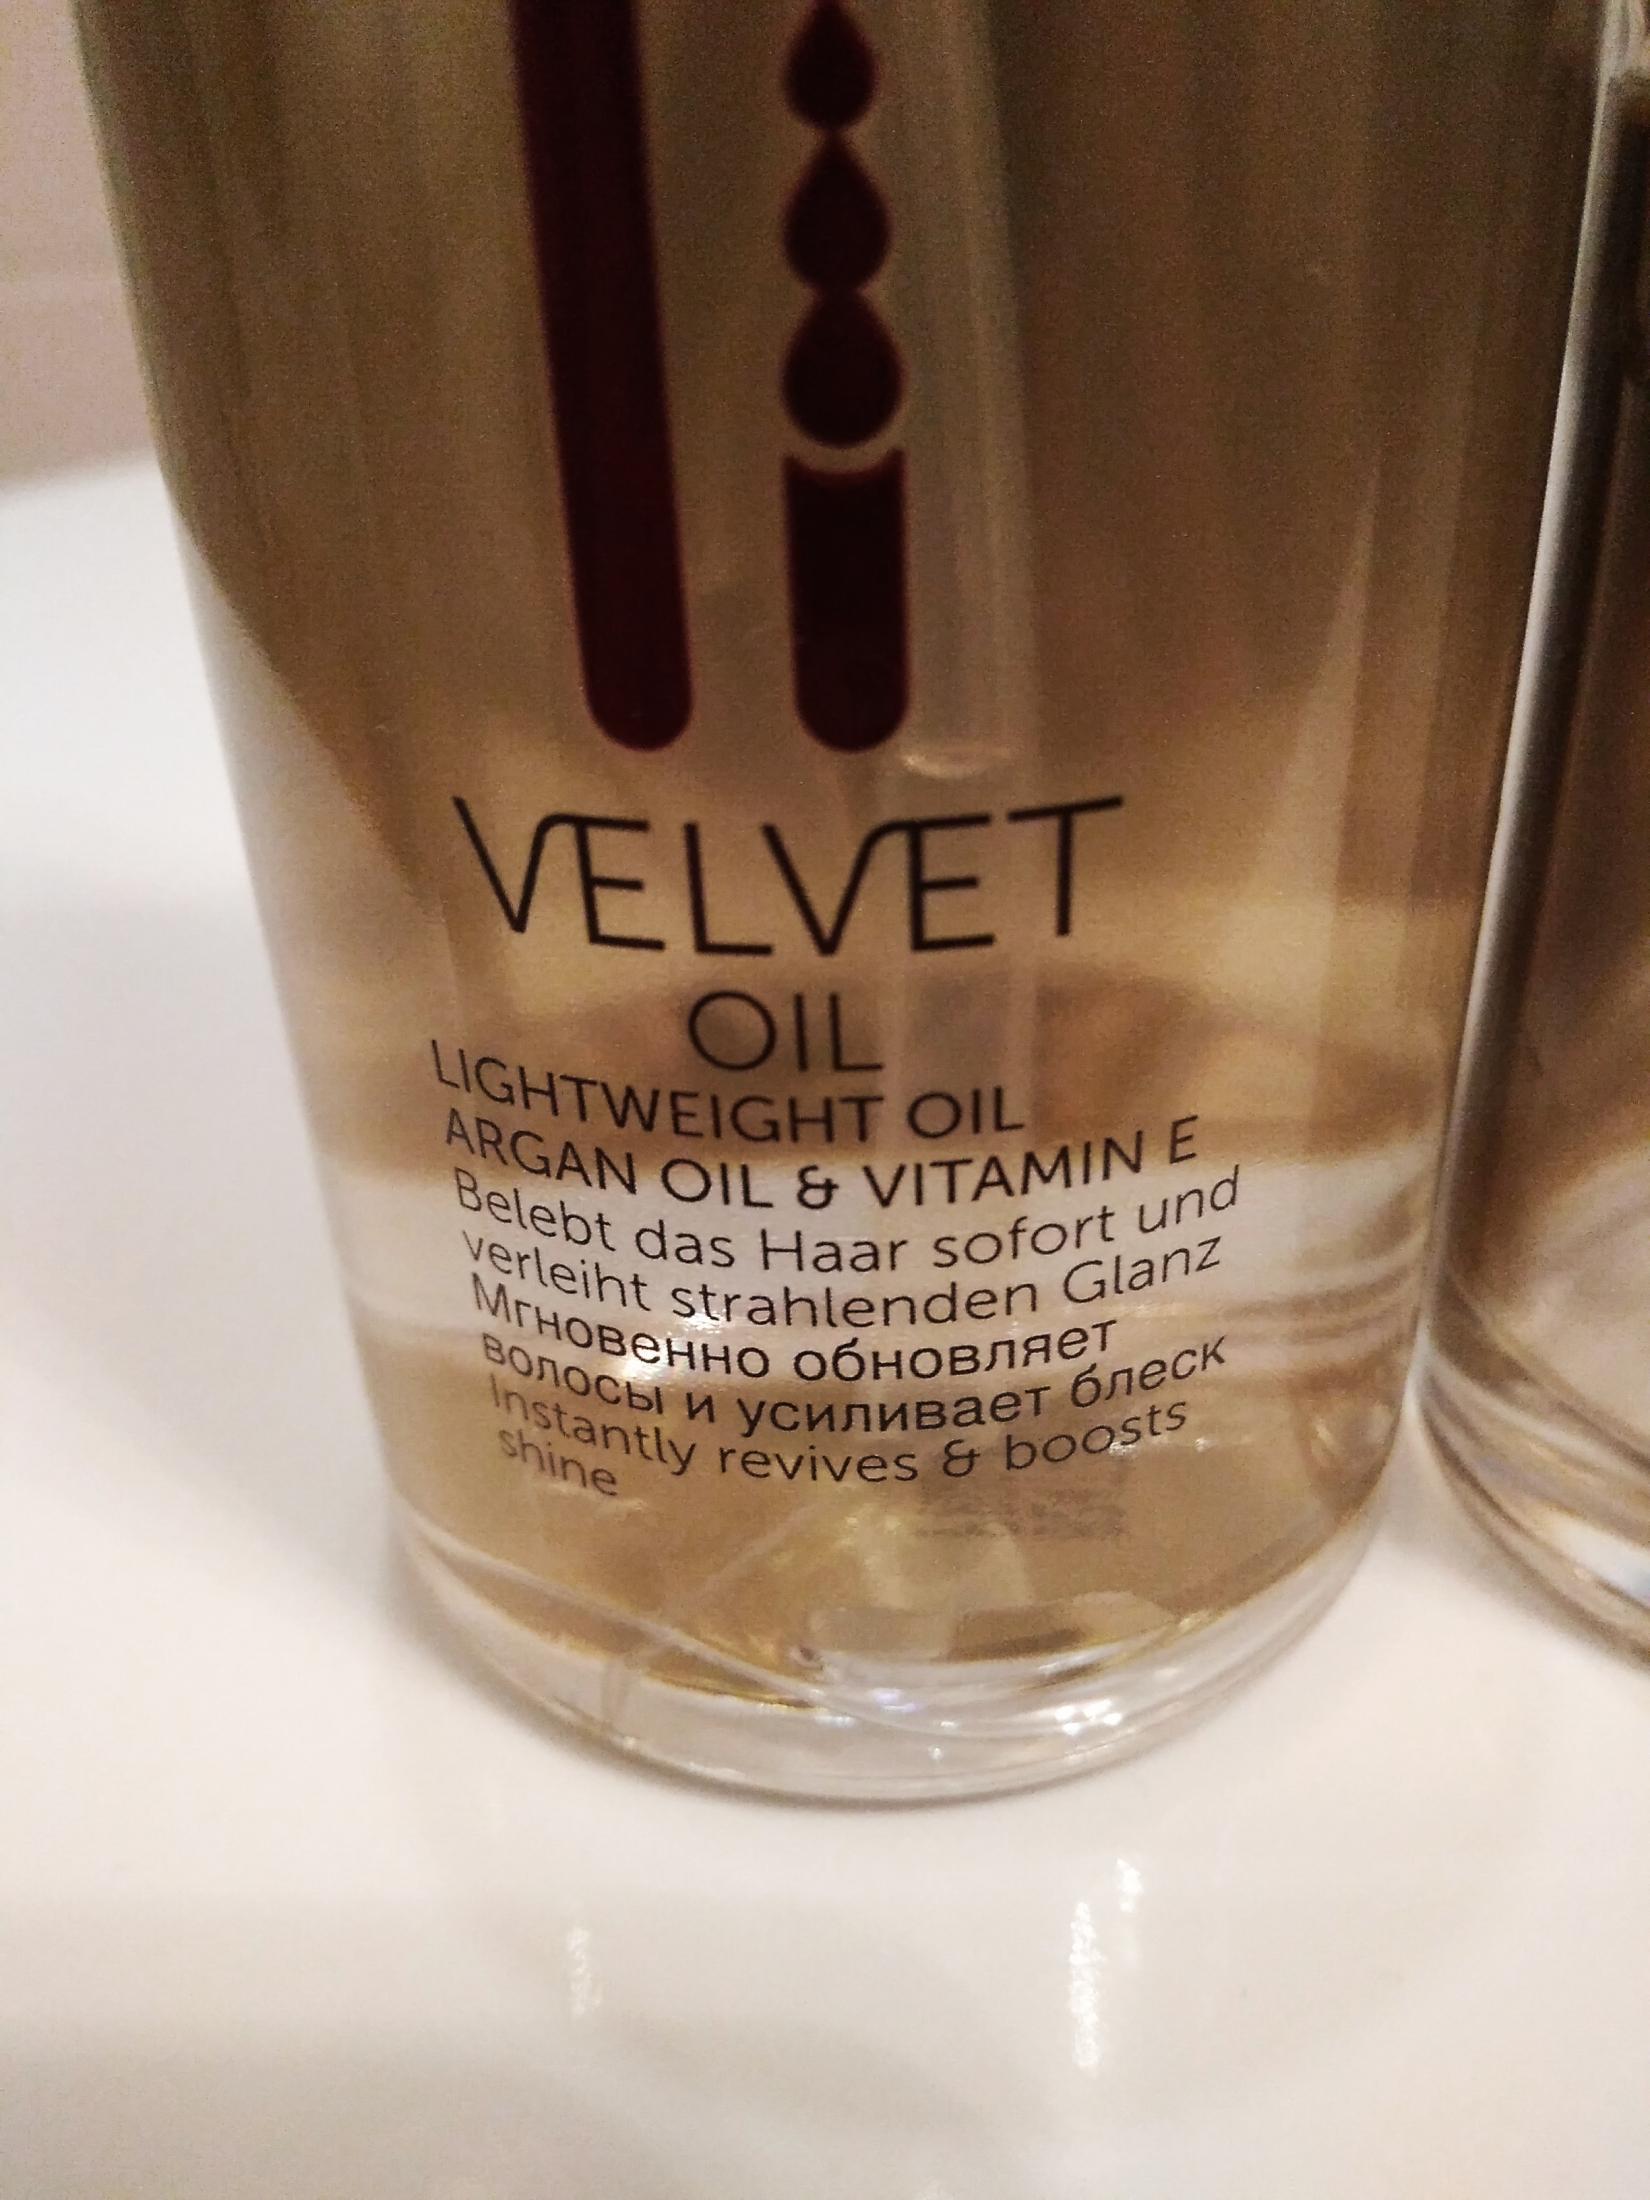 Восстанавливающее масло Londa Velvet Oil - описание, обещания производителя